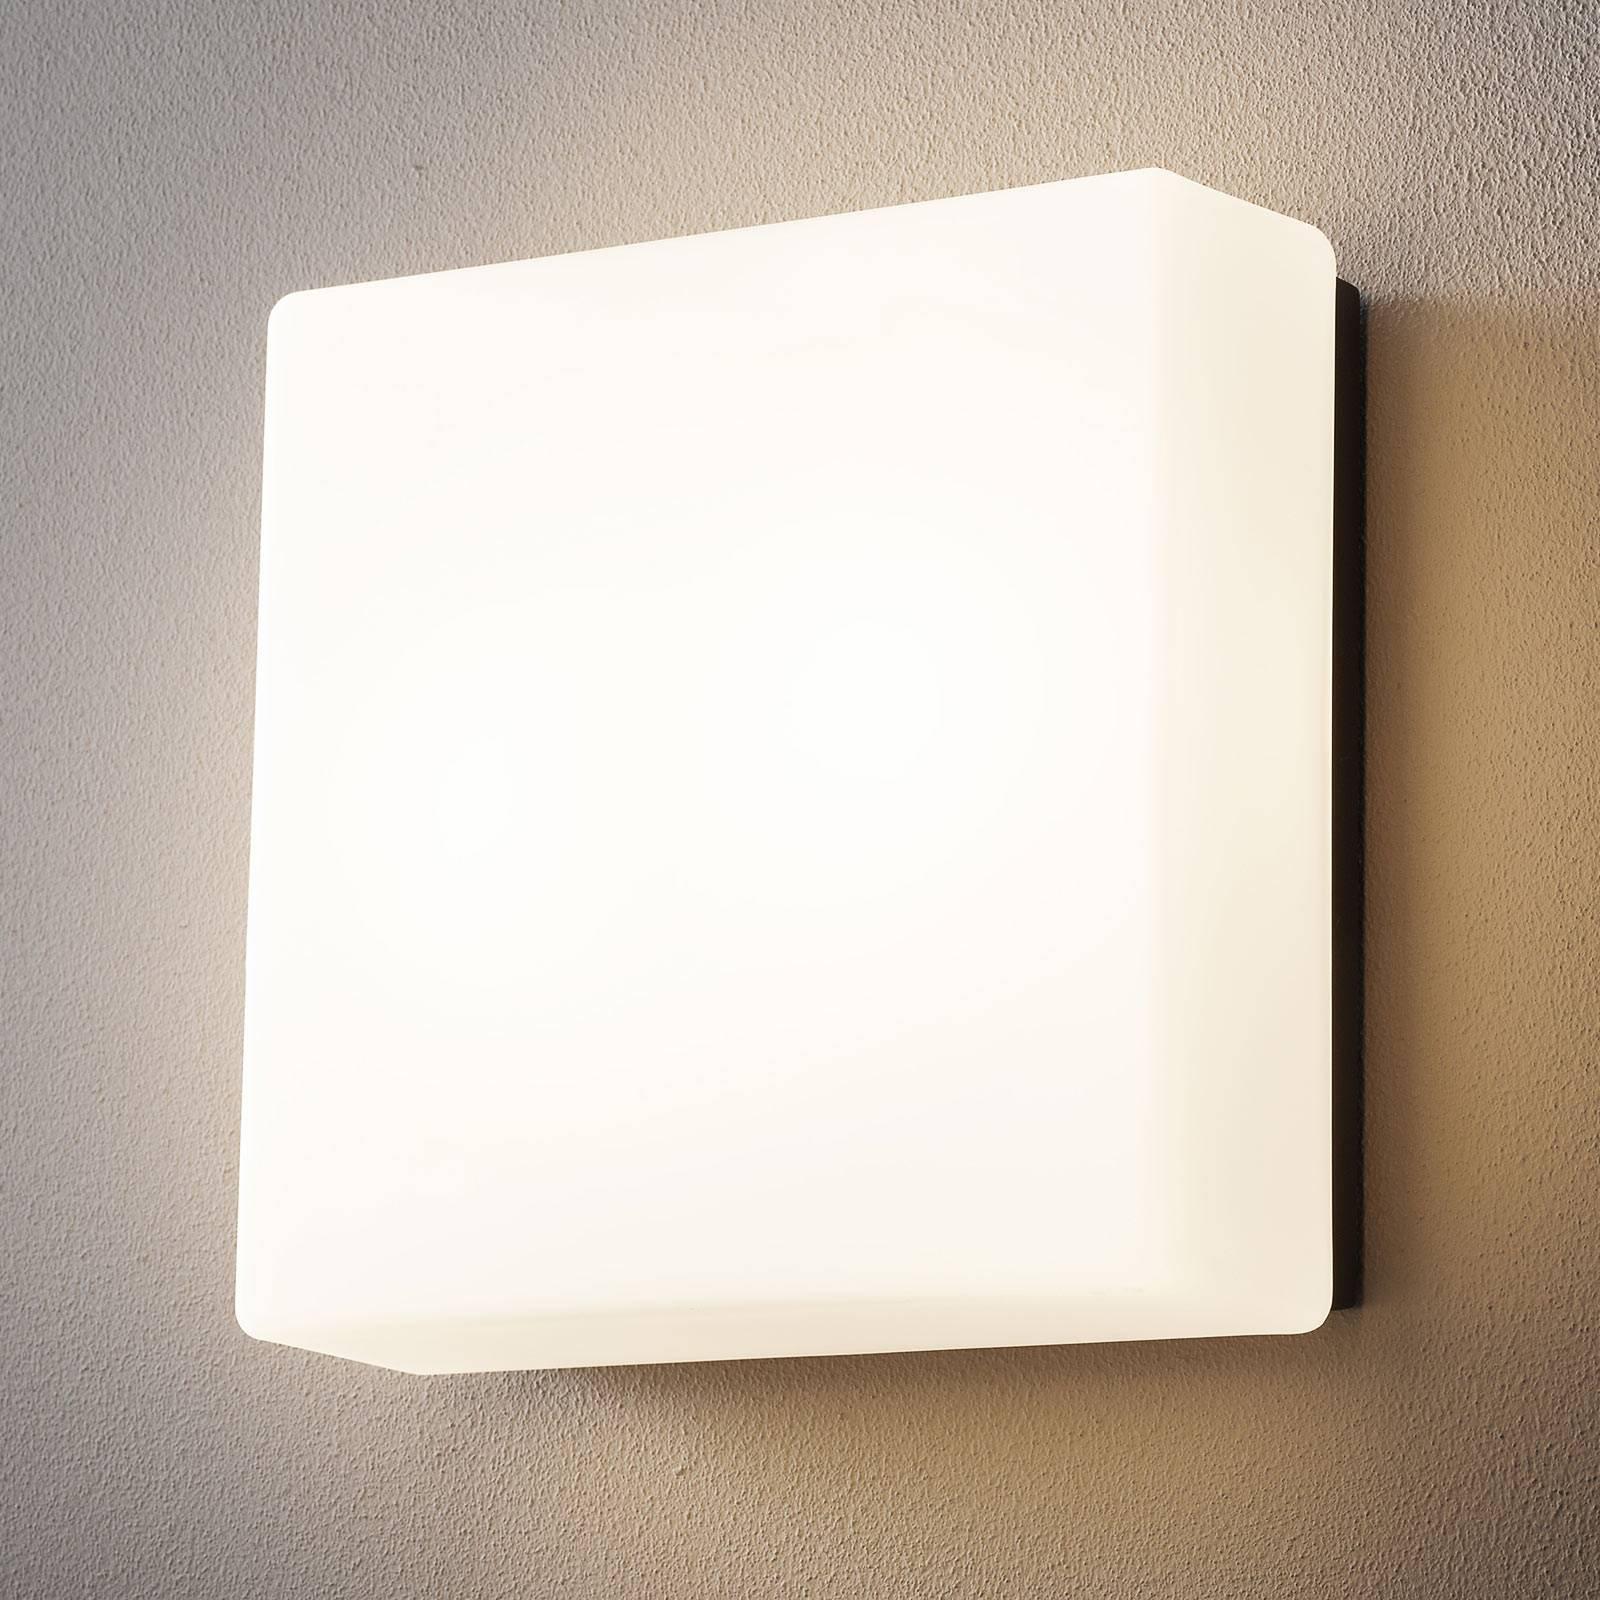 BEGA lysbyggestein 38302 LED-vegglampe 32x32 cm